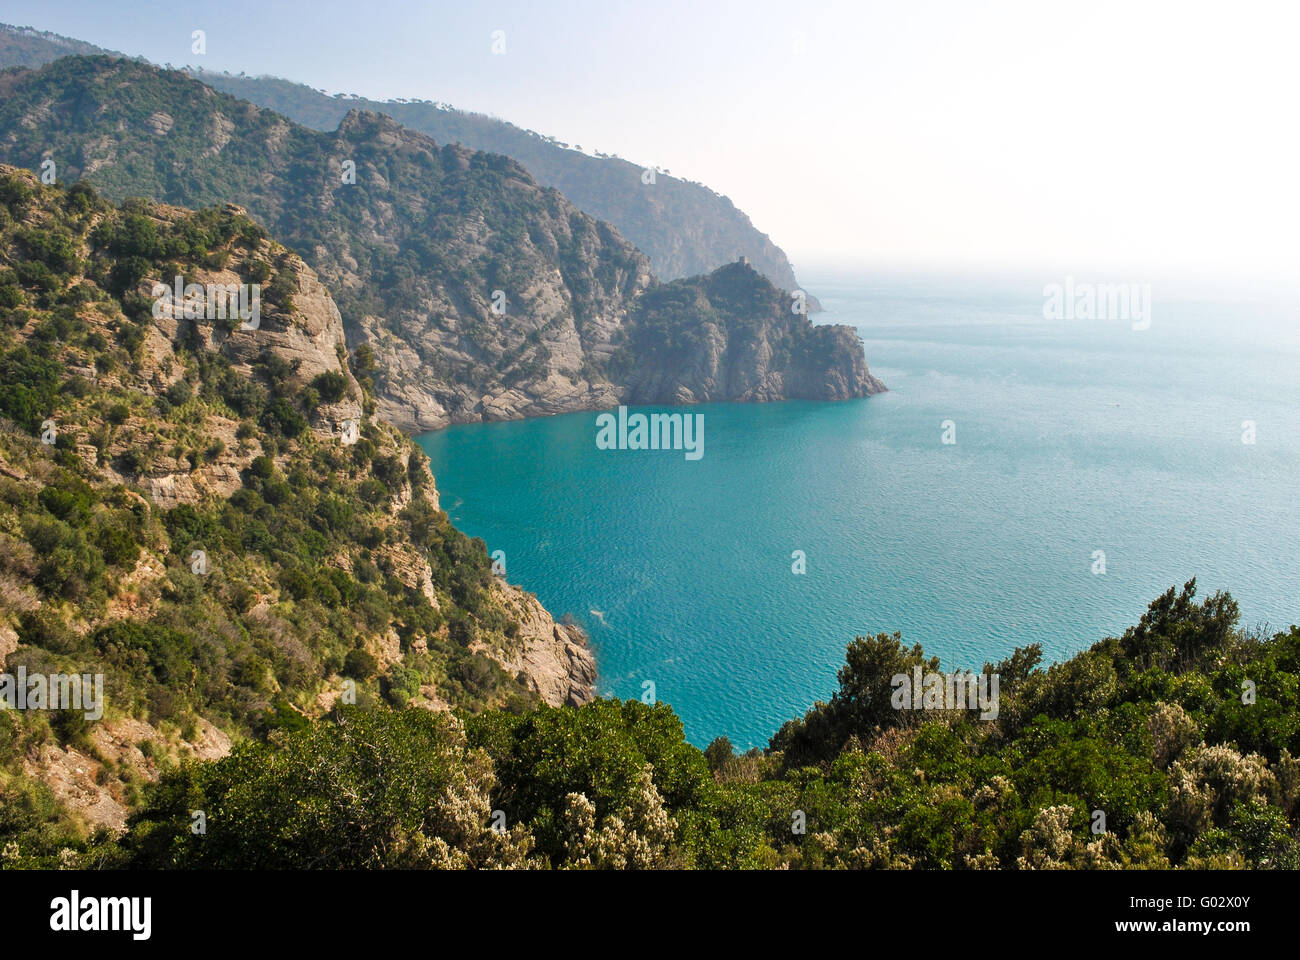 Paesaggio panoramico da una via attraverso il promontorio di Portofino Immagini Stock